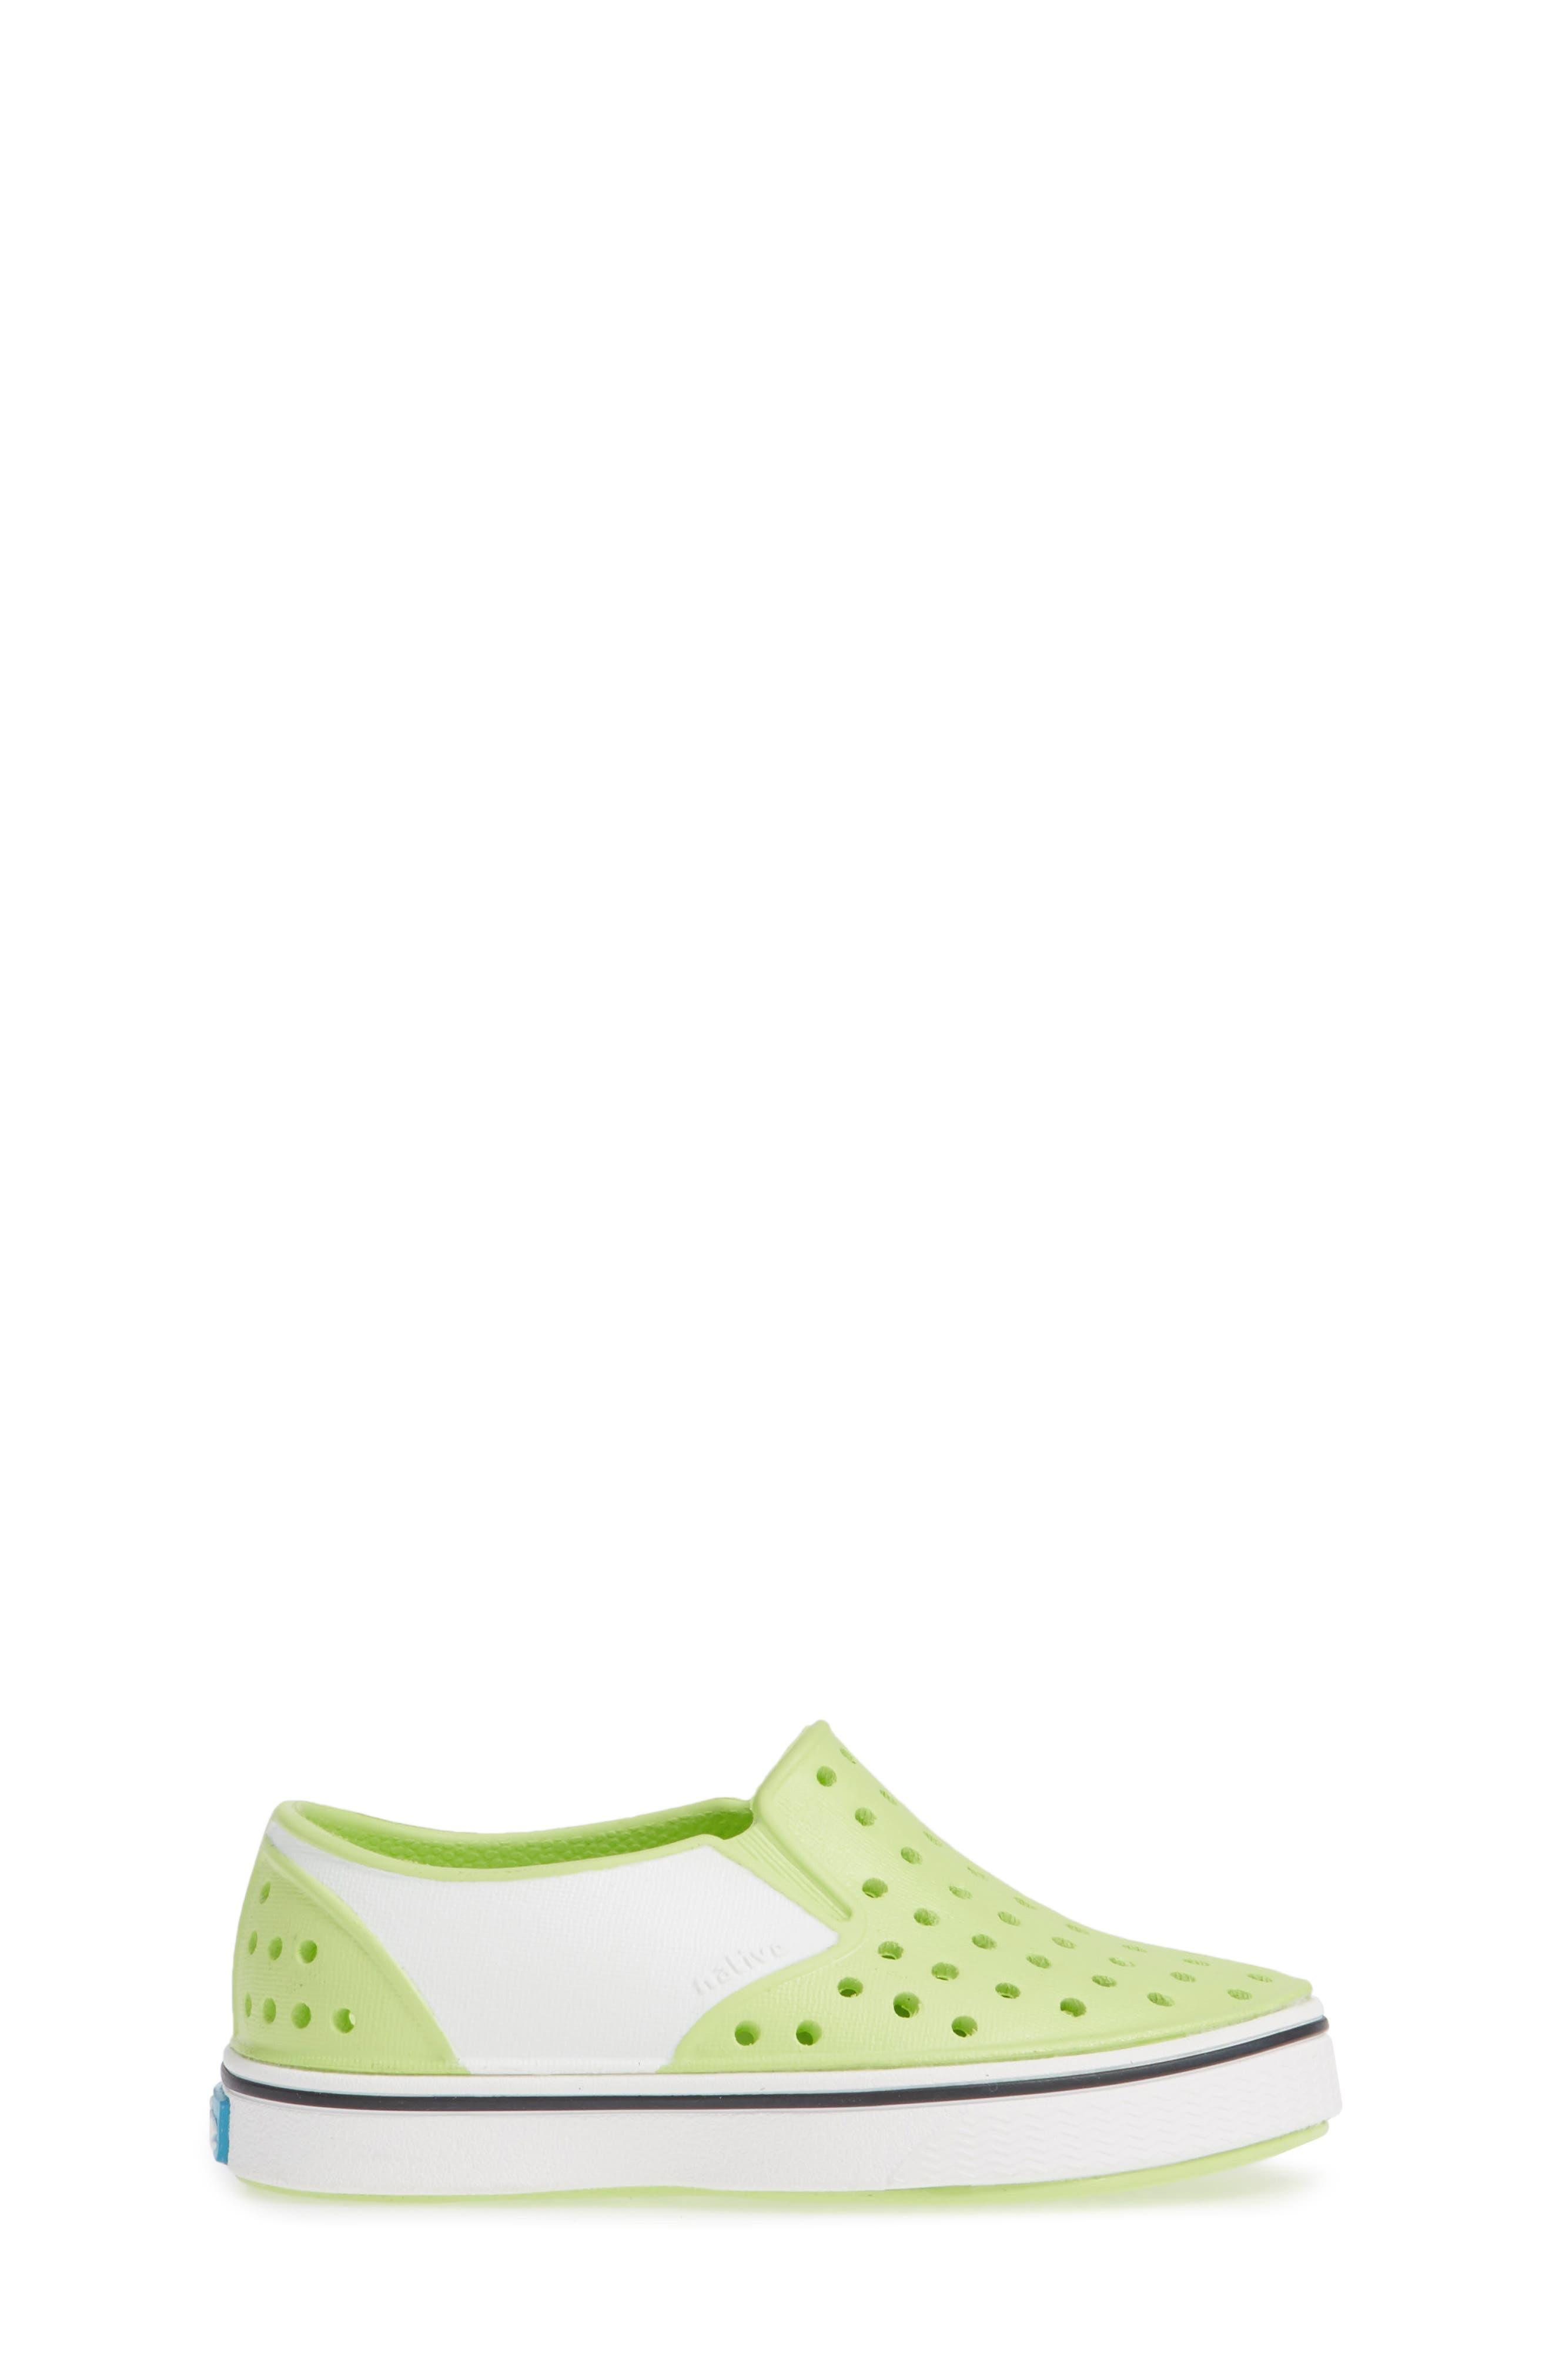 Miles Colorblock Slip-On Sneaker,                             Alternate thumbnail 3, color,                             SUNNY GREEN/ SHELL WHITE